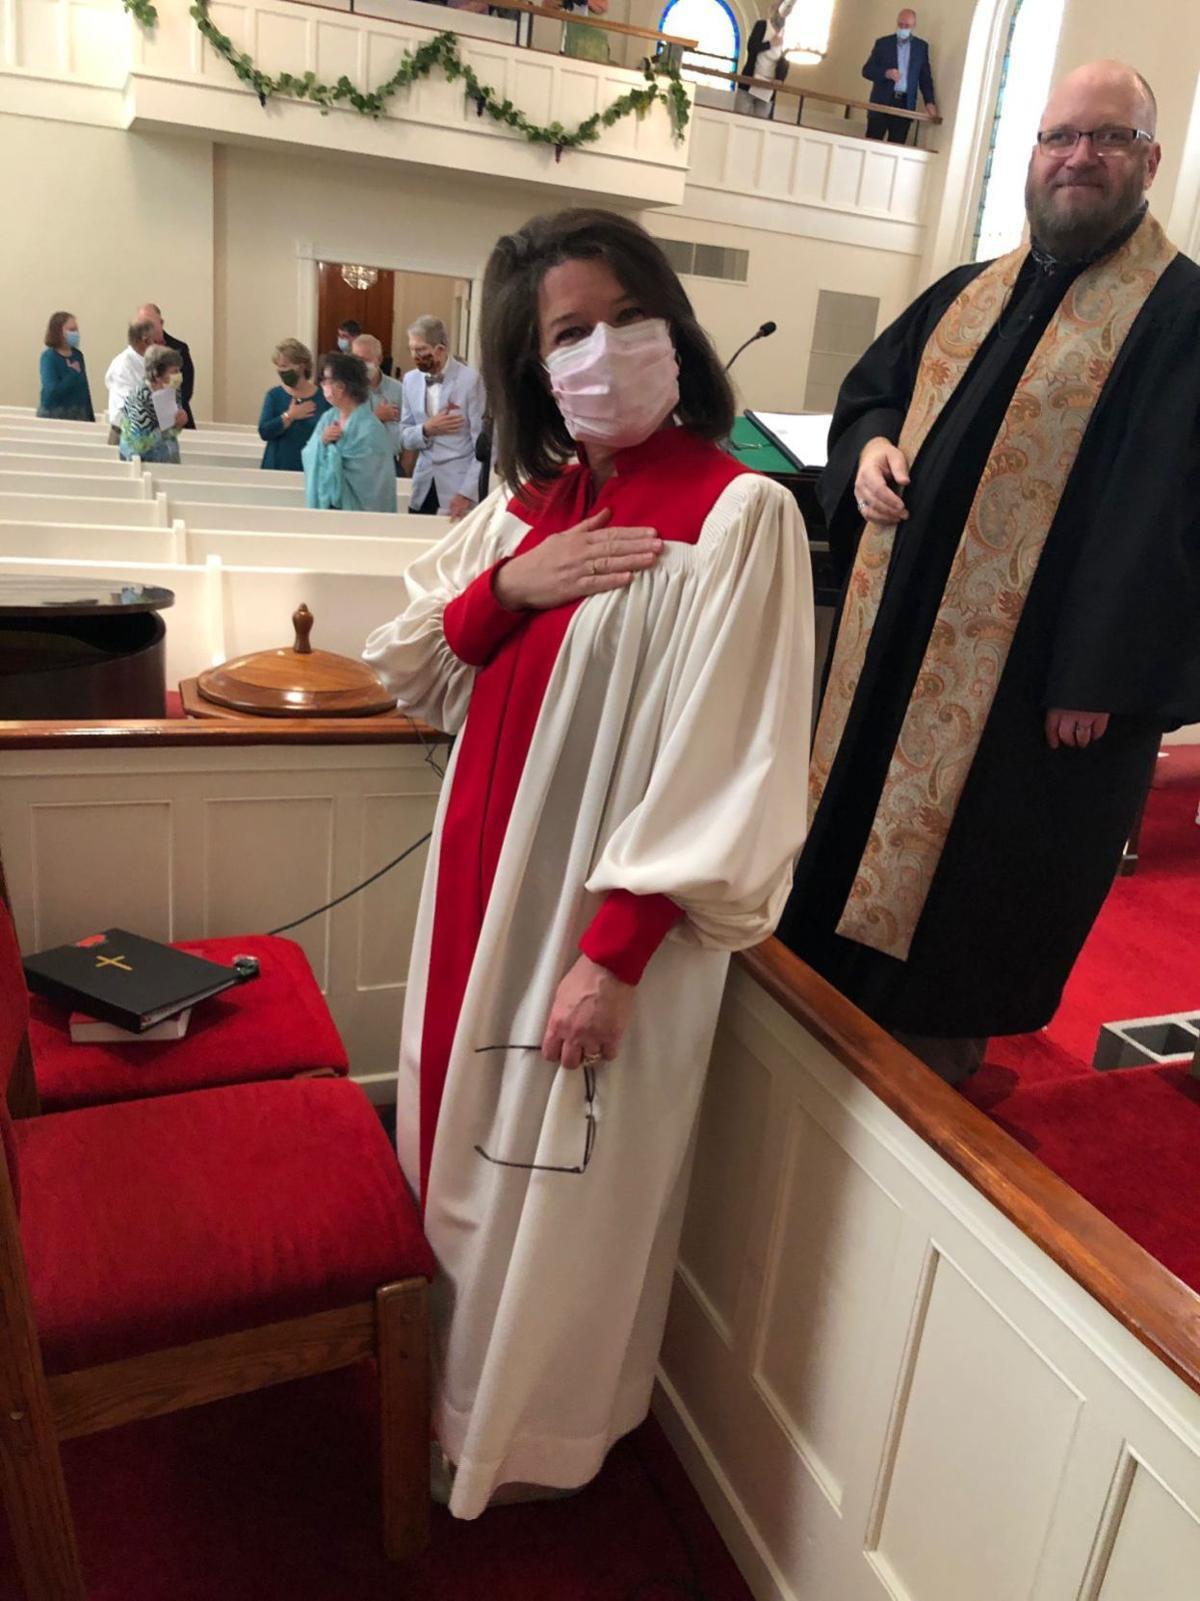 Culpeper Presbyterian Church welcome